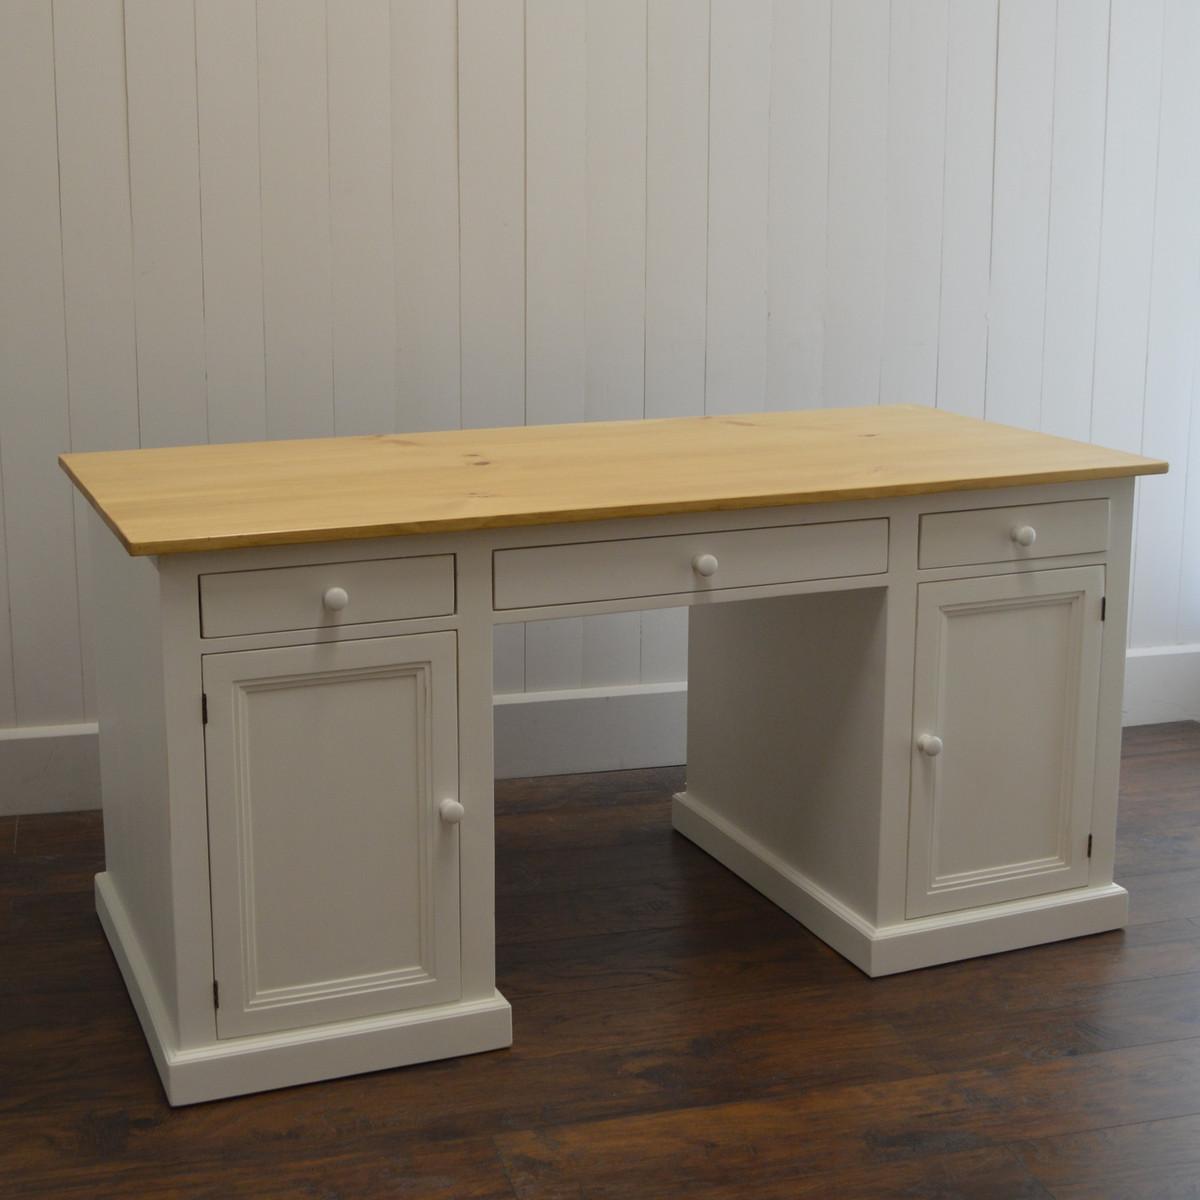 English Farmhouse Kitchen Desk